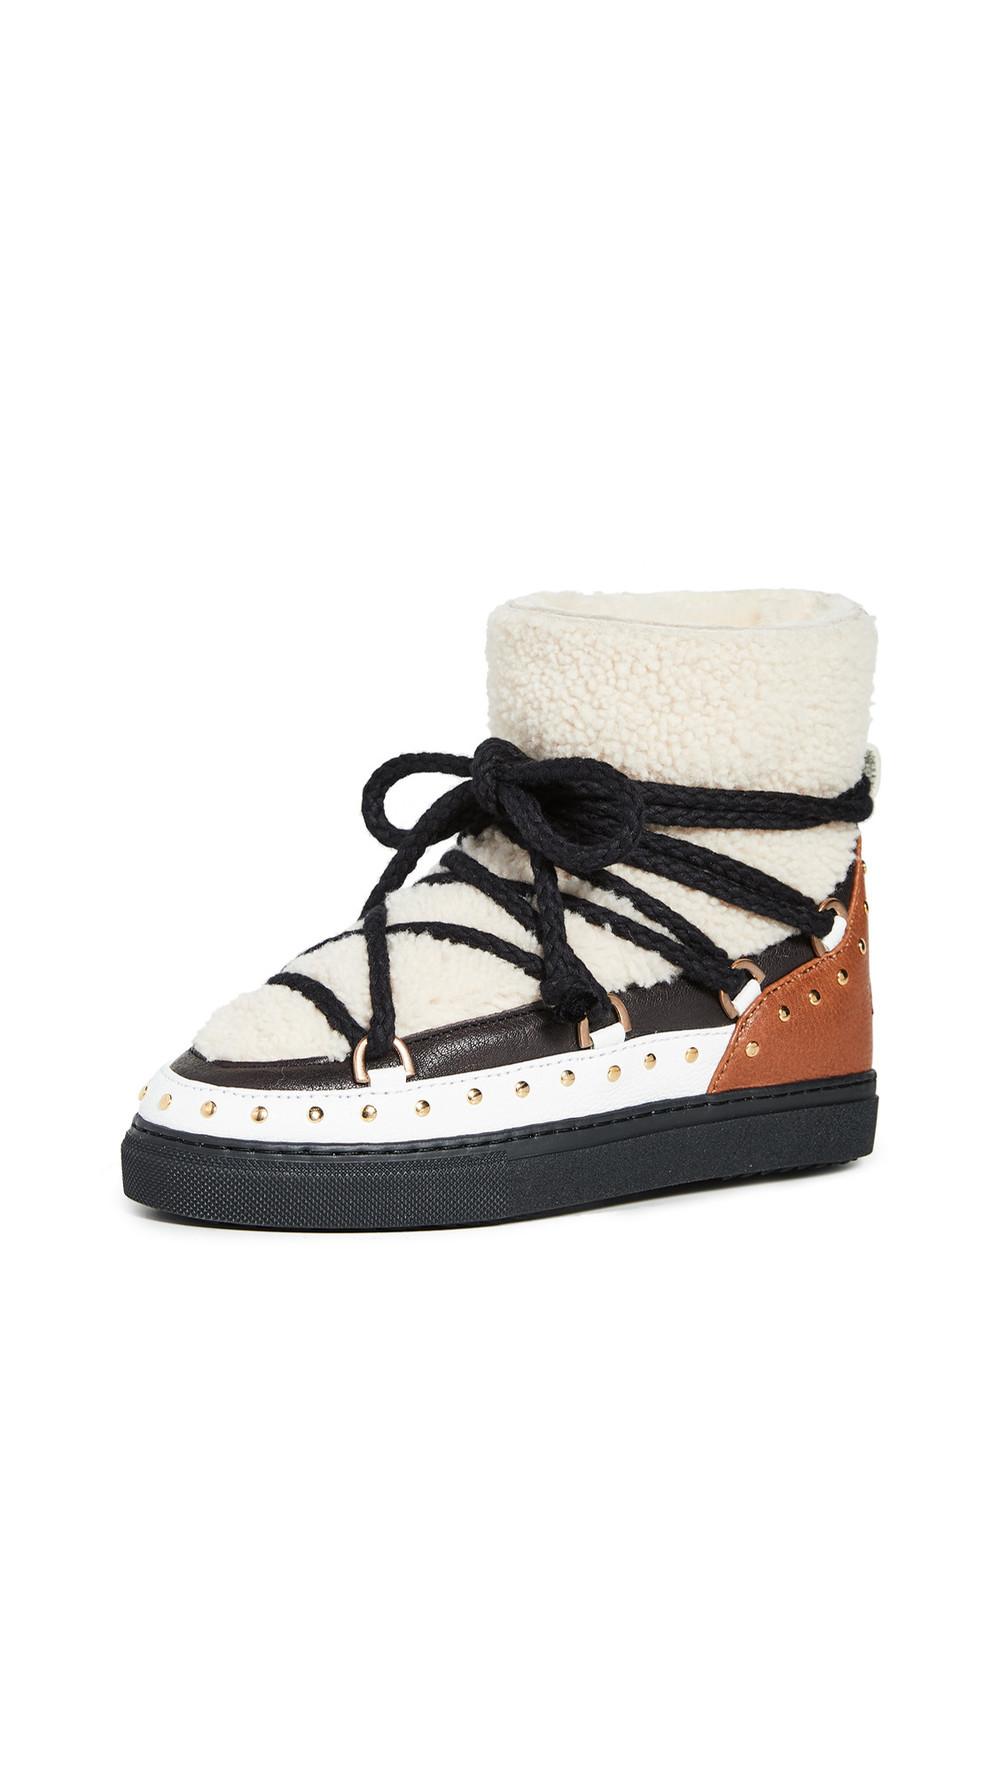 Inuikii Curly Rock Shearling Sneakers in cream